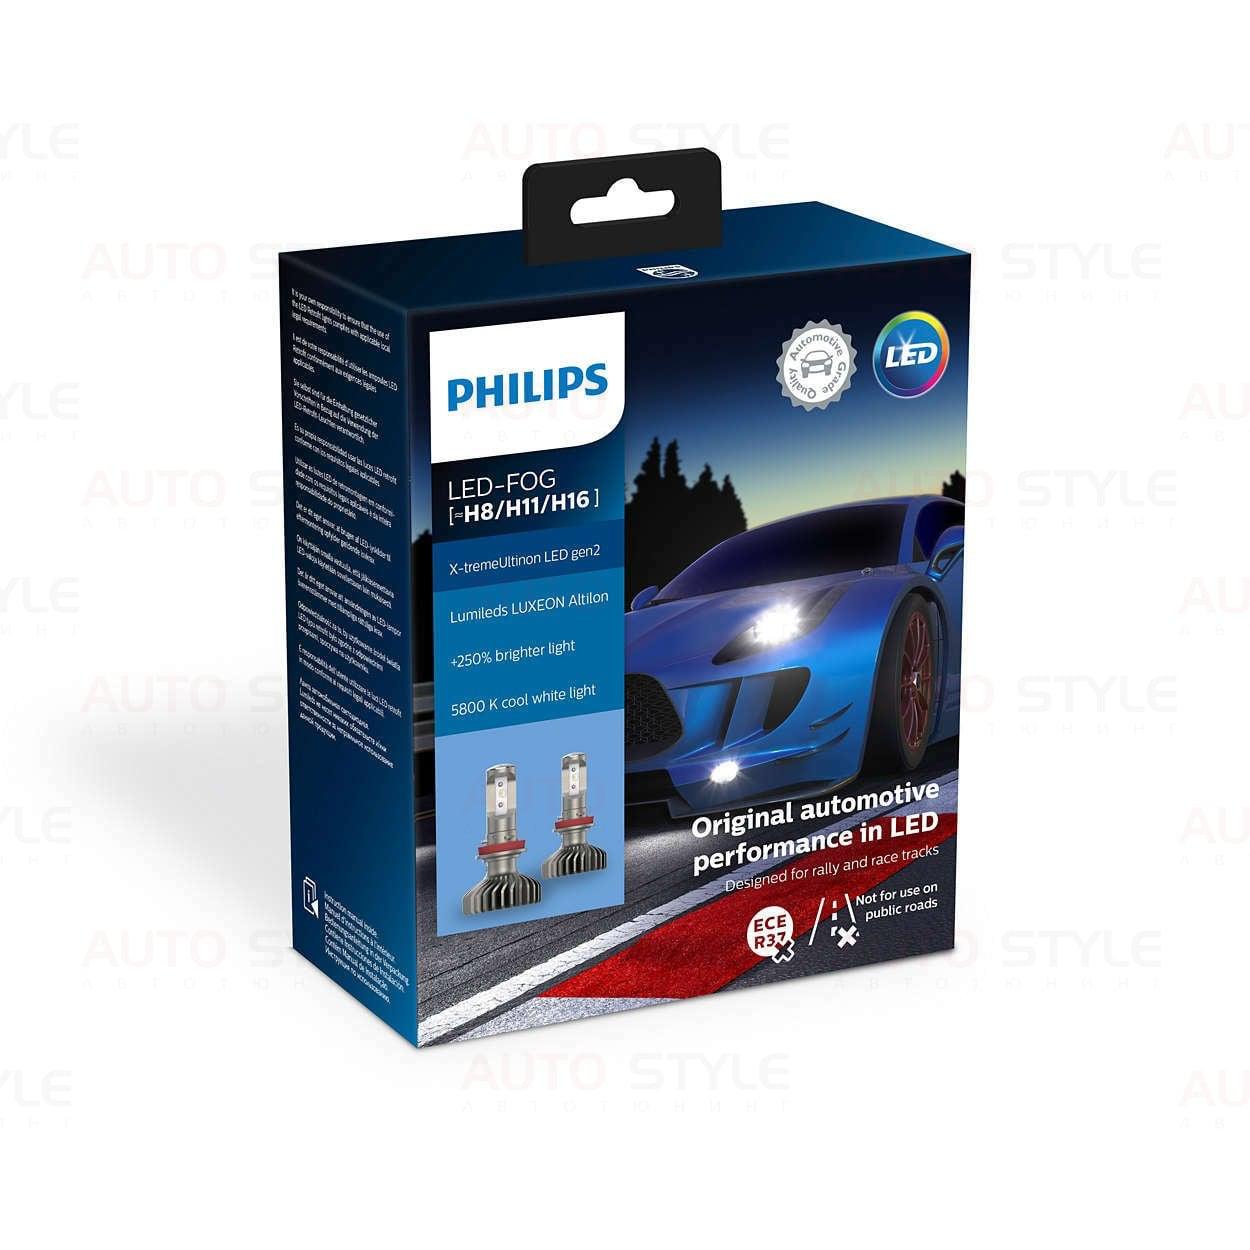 LED лампы Philips X-treme Ultinon +250% H8/H11/H16 11366XUWX2 (2 шт.) LED лампы Philips X-treme Ultinon +250% H8/H11/H16 11366XUWX2 (2 шт.)